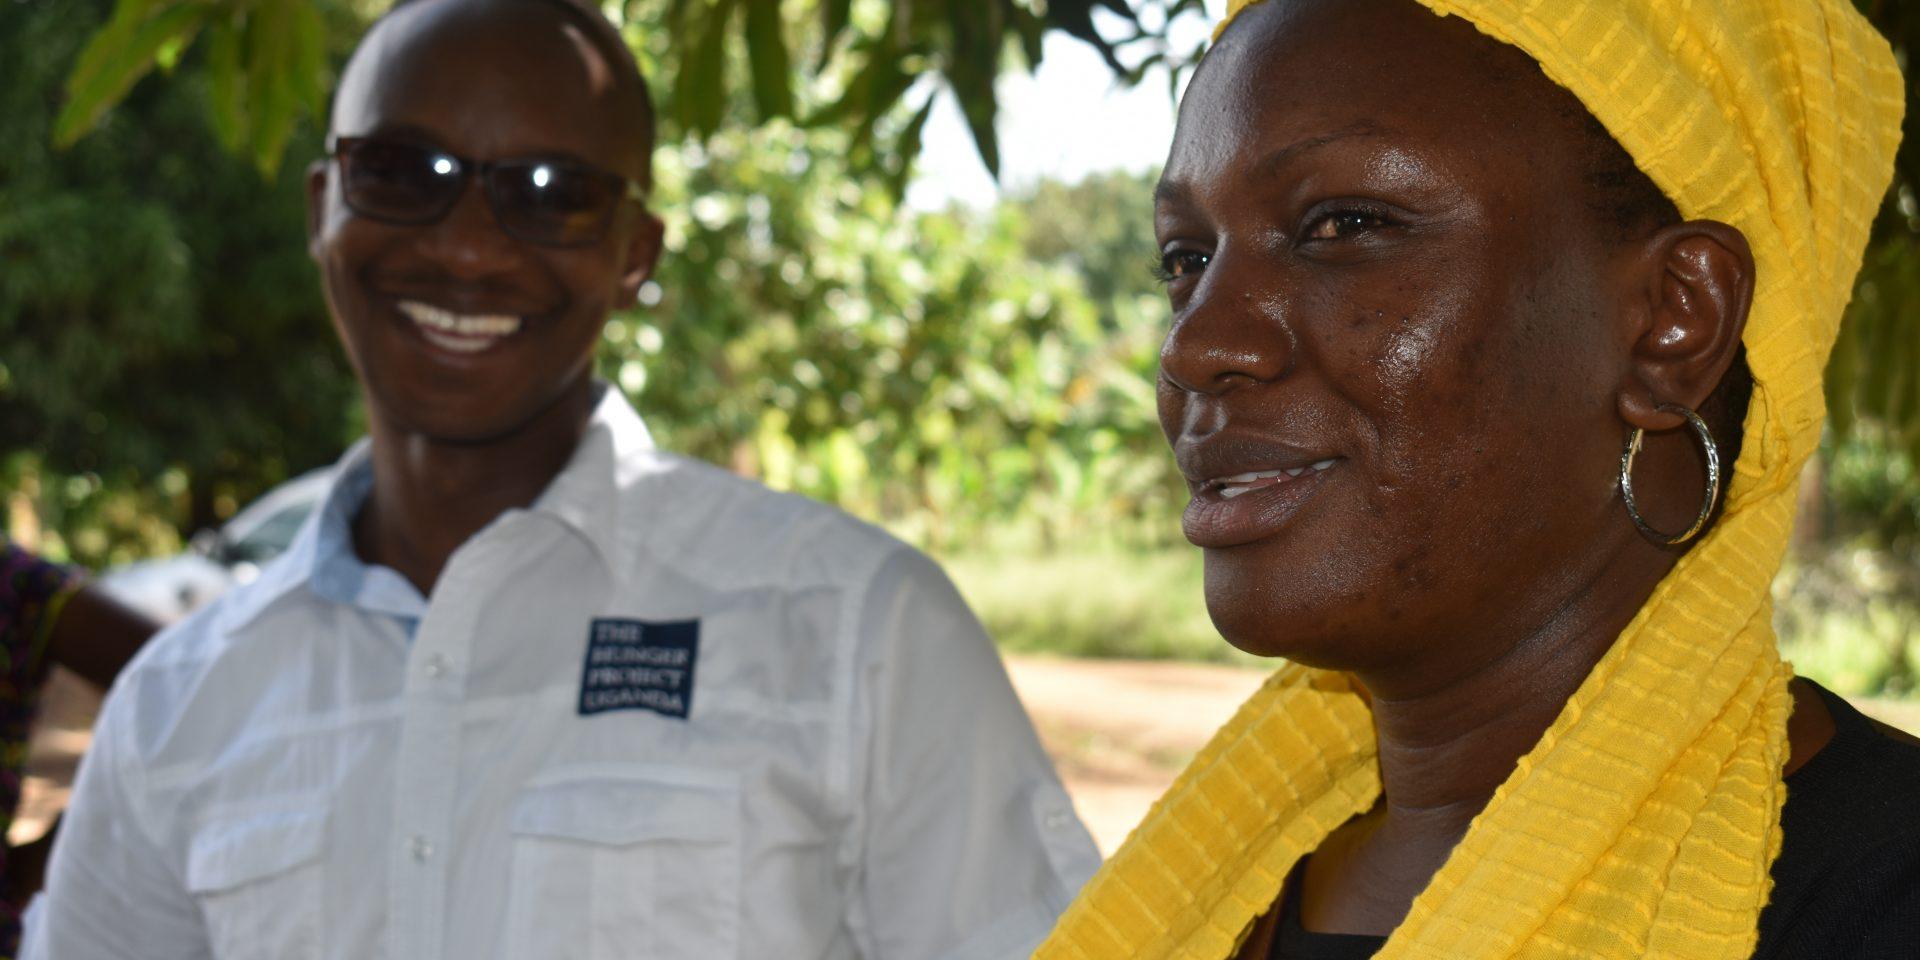 Irene Naikaali, programchef för Hungerprojektet i Uganda, hoppas på ett förändrat tänk kring jordbruket för att säkerställa matsäkerhet i tider av klimatförändringar.